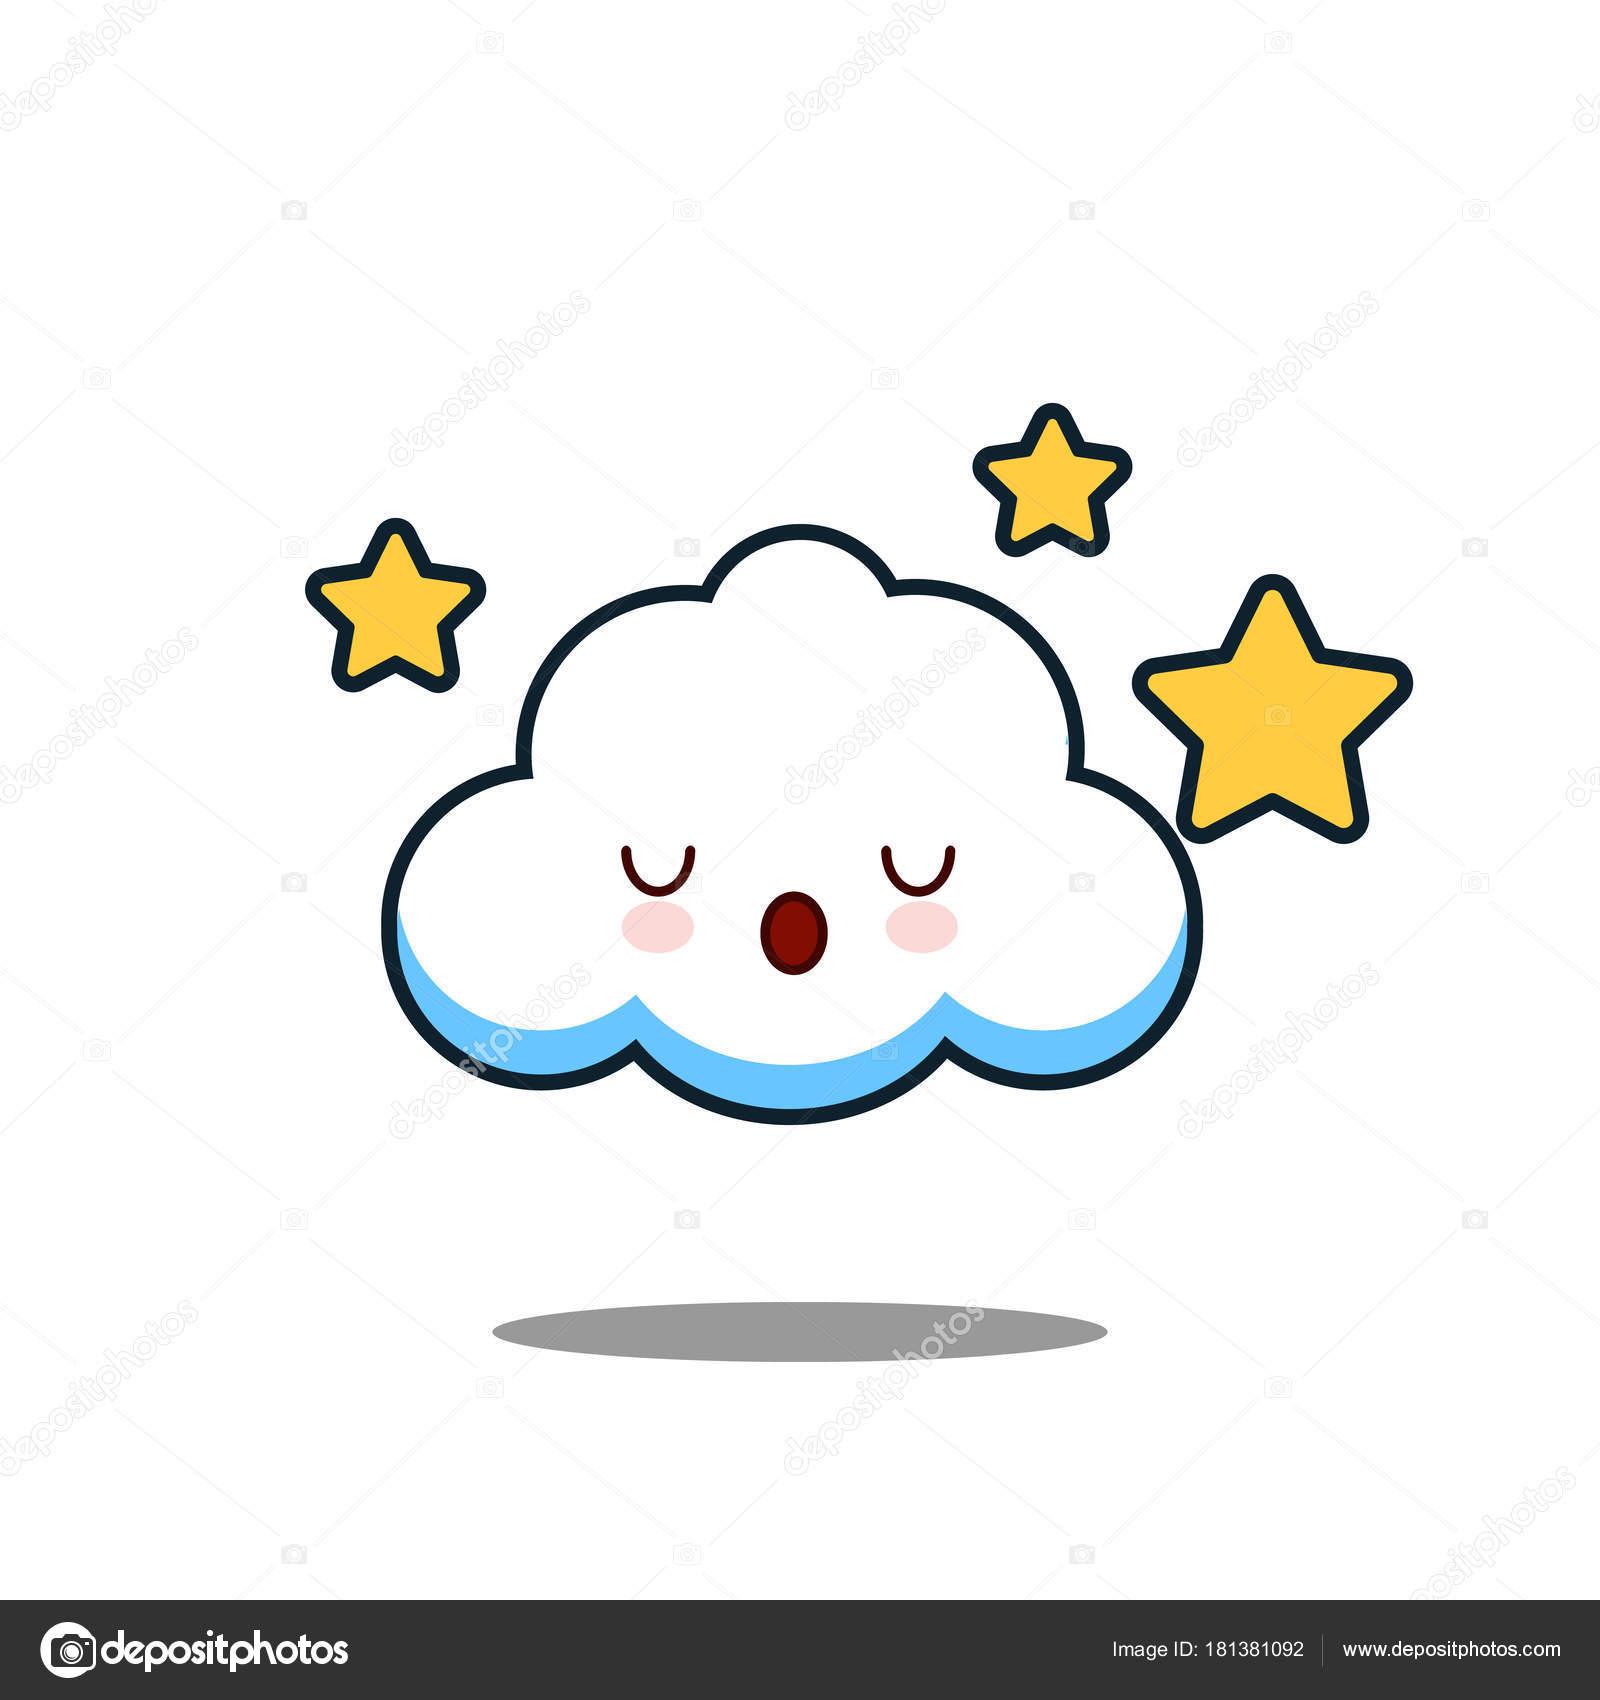 かわいい雲かわいい顔ベクトル イラスト デザイン ストックベクター